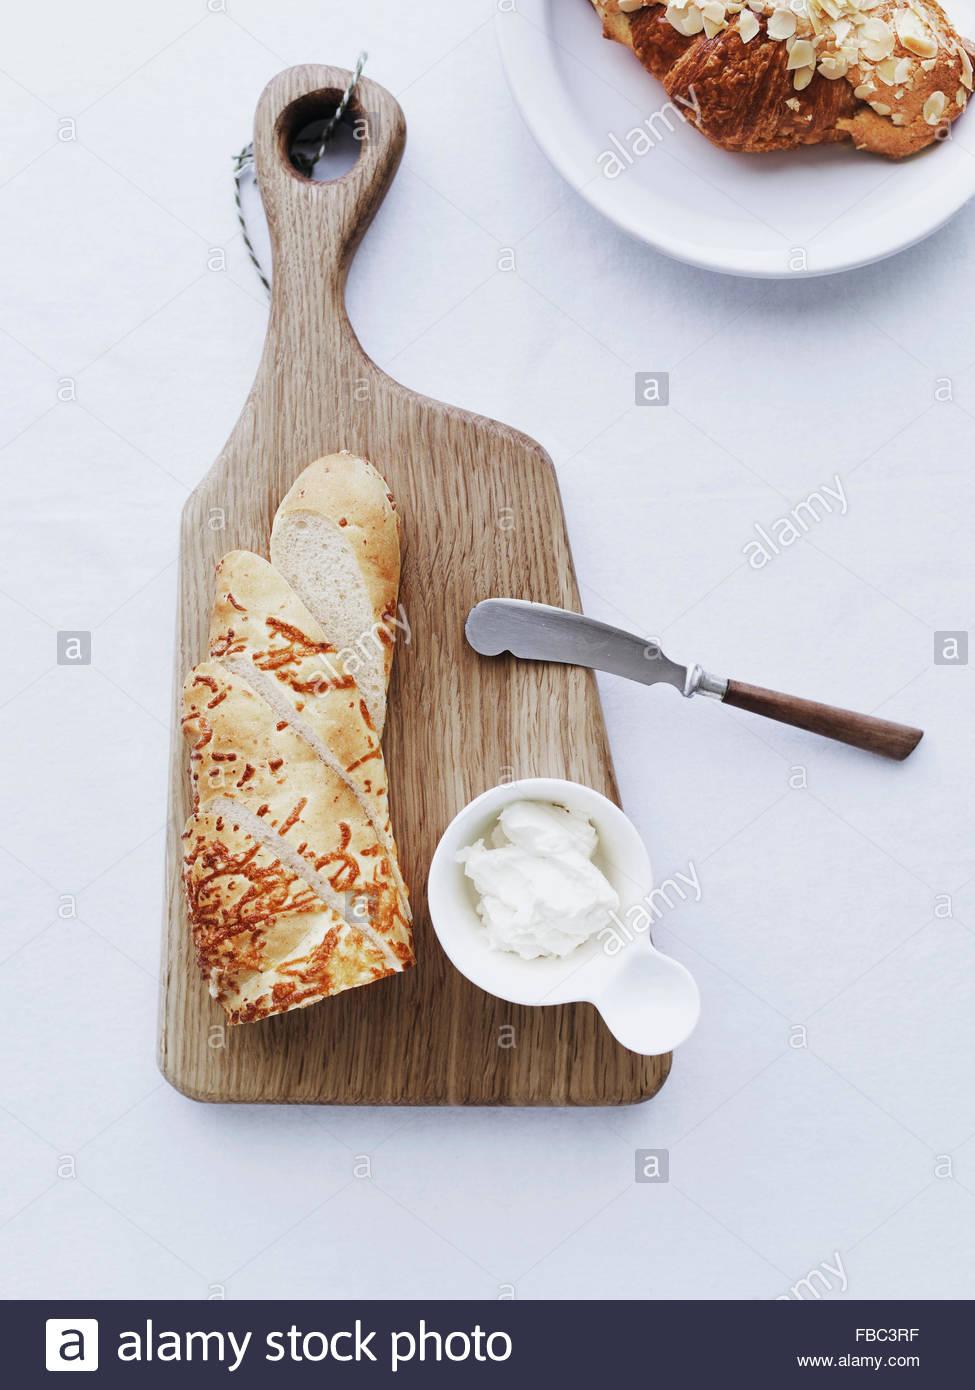 Junta de corte baguette servido con queso crema Imagen De Stock